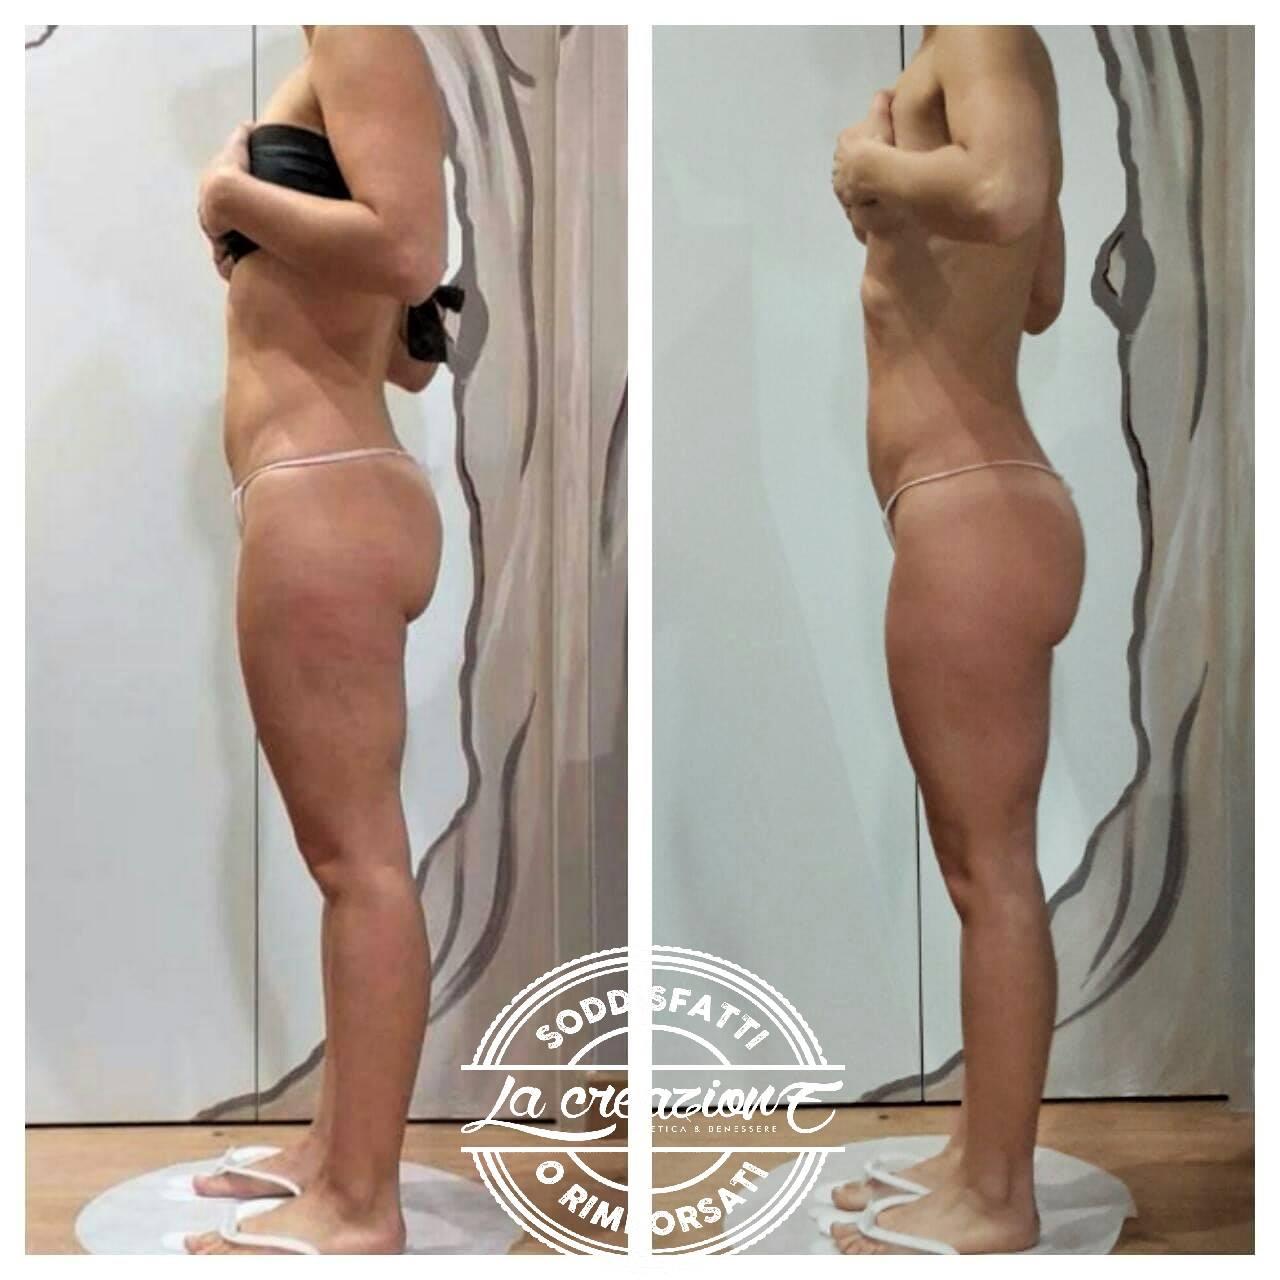 Prima e Dopo BootyUp di Laura Cavarischia - Metodo per il modellamento corpo - Centro La Creazione Tolentino - Modellamento Corpo